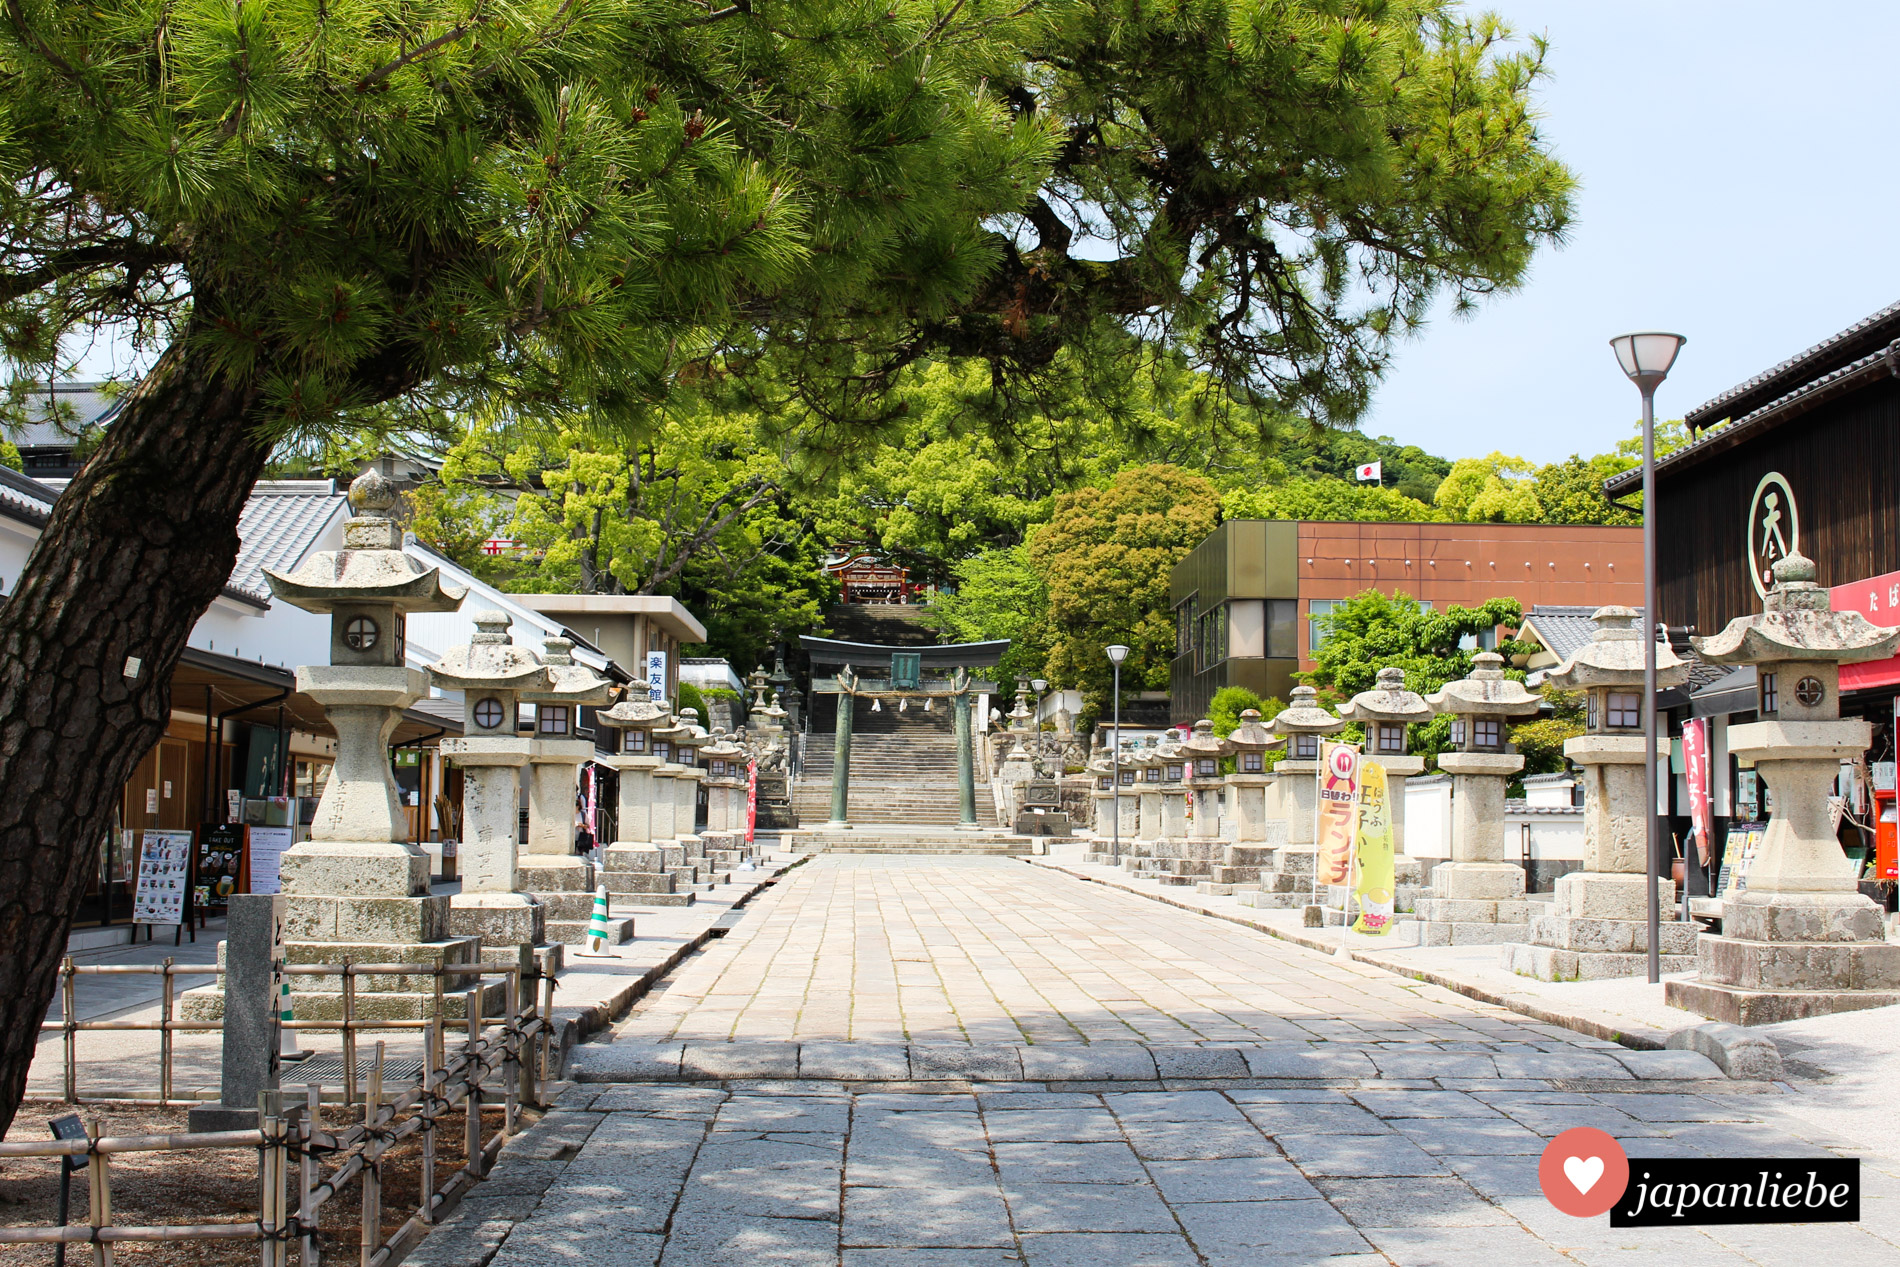 Der Eingang zum Tenman-gu Schrein in Hōfu ist gesäumt von Steinlaternen.